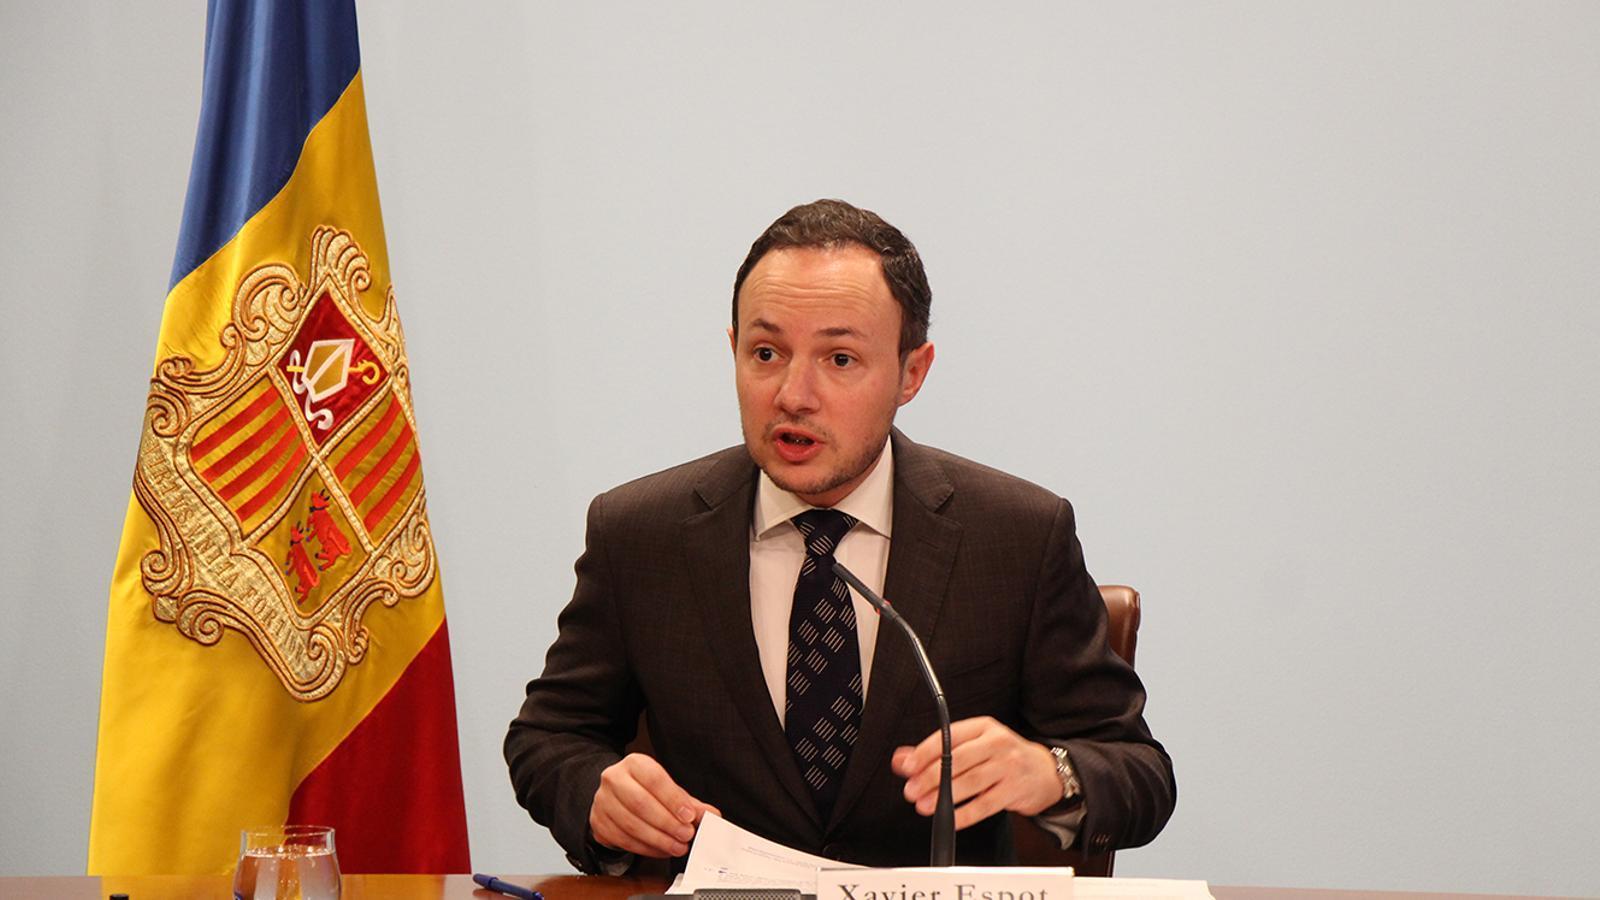 El ministre Xavier Esport durant la roda de premsa d'aquest dimecres. / M. T. (ANA)